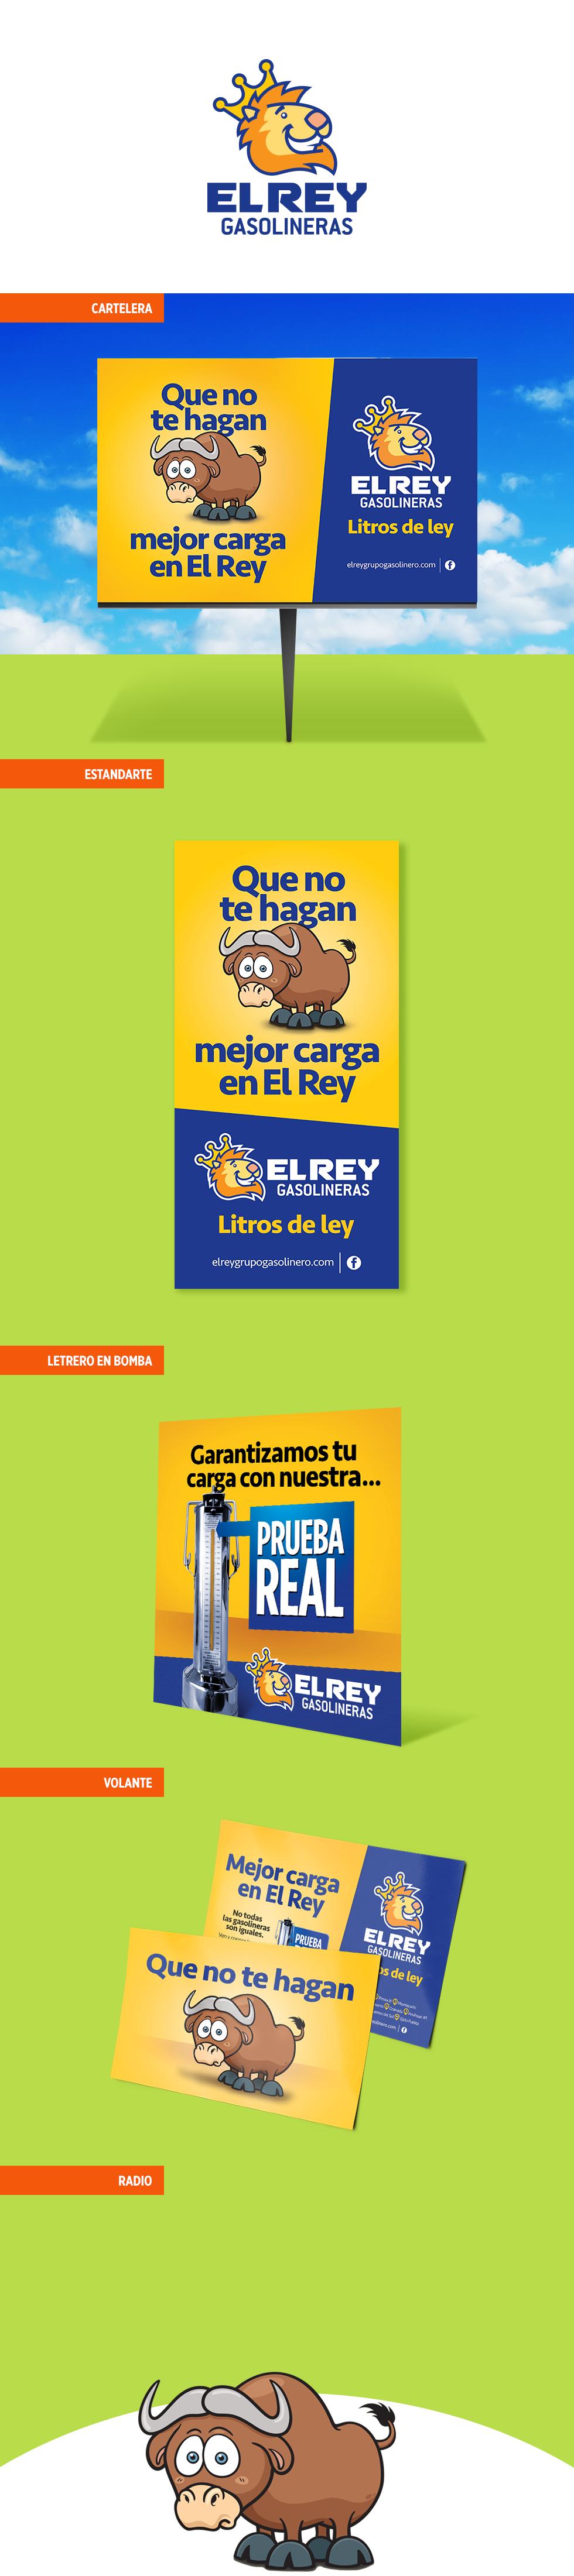 El Rey Gasolineras